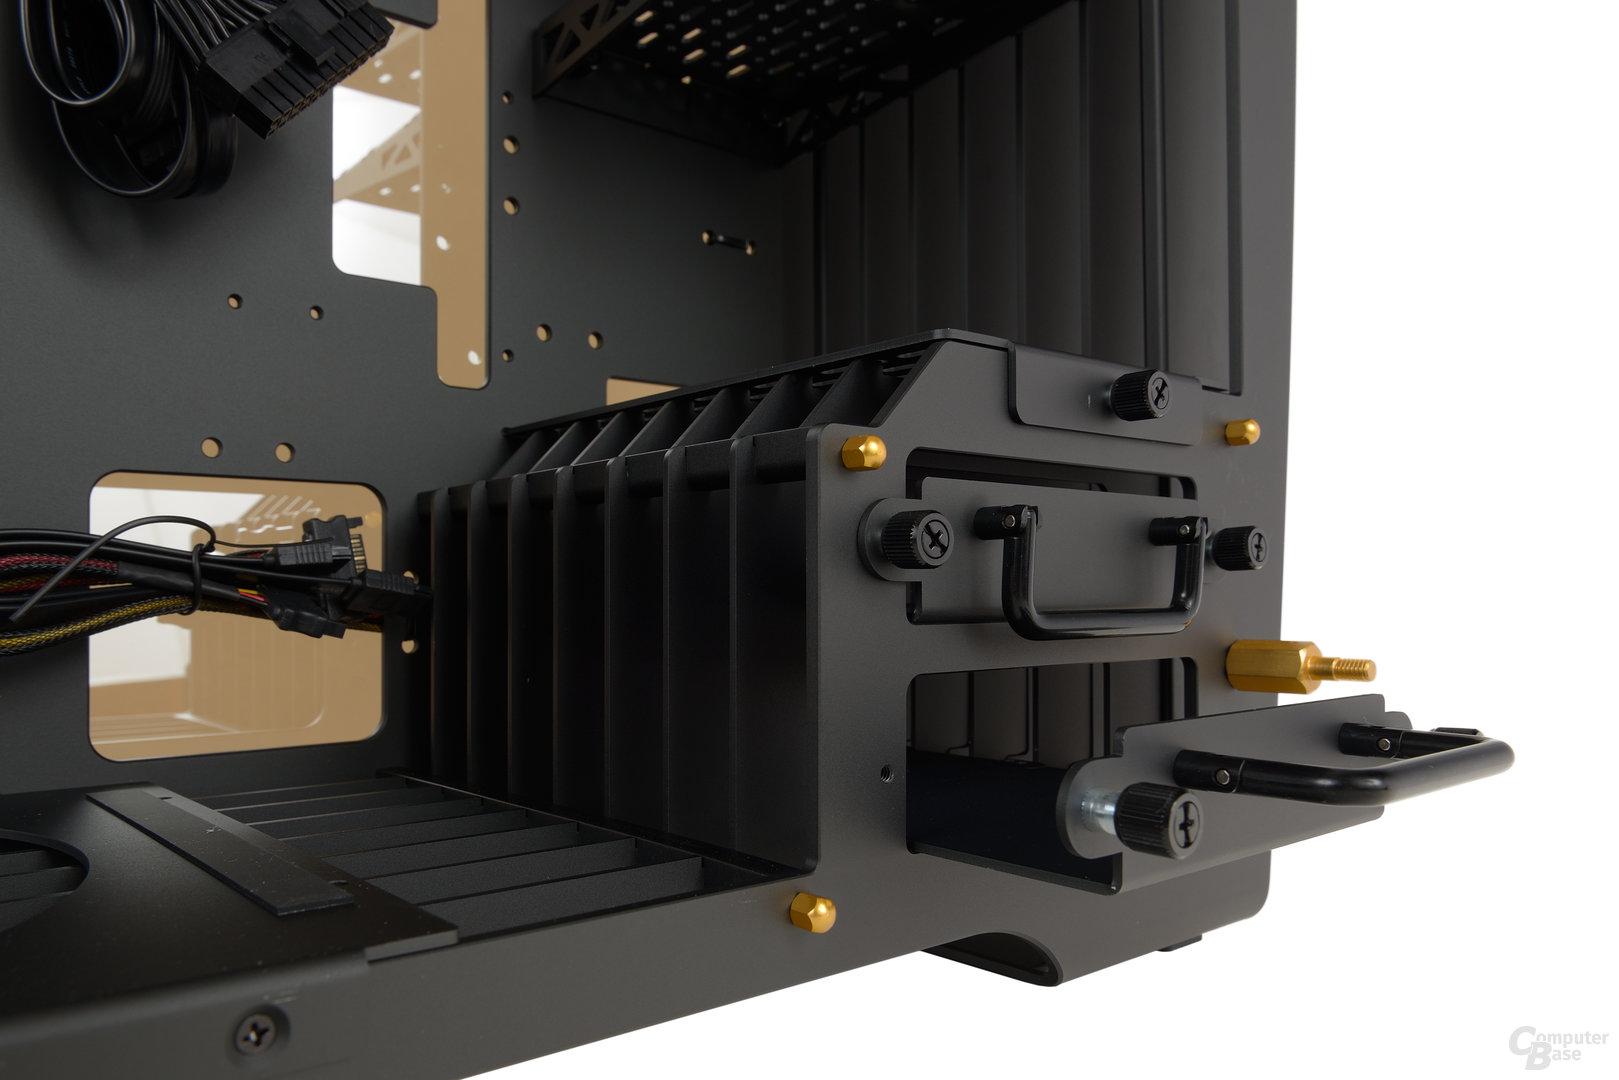 In Win H-Frame 2.0 – Zwei interne Hot-Swap-Einschübe sind auch vorhanden